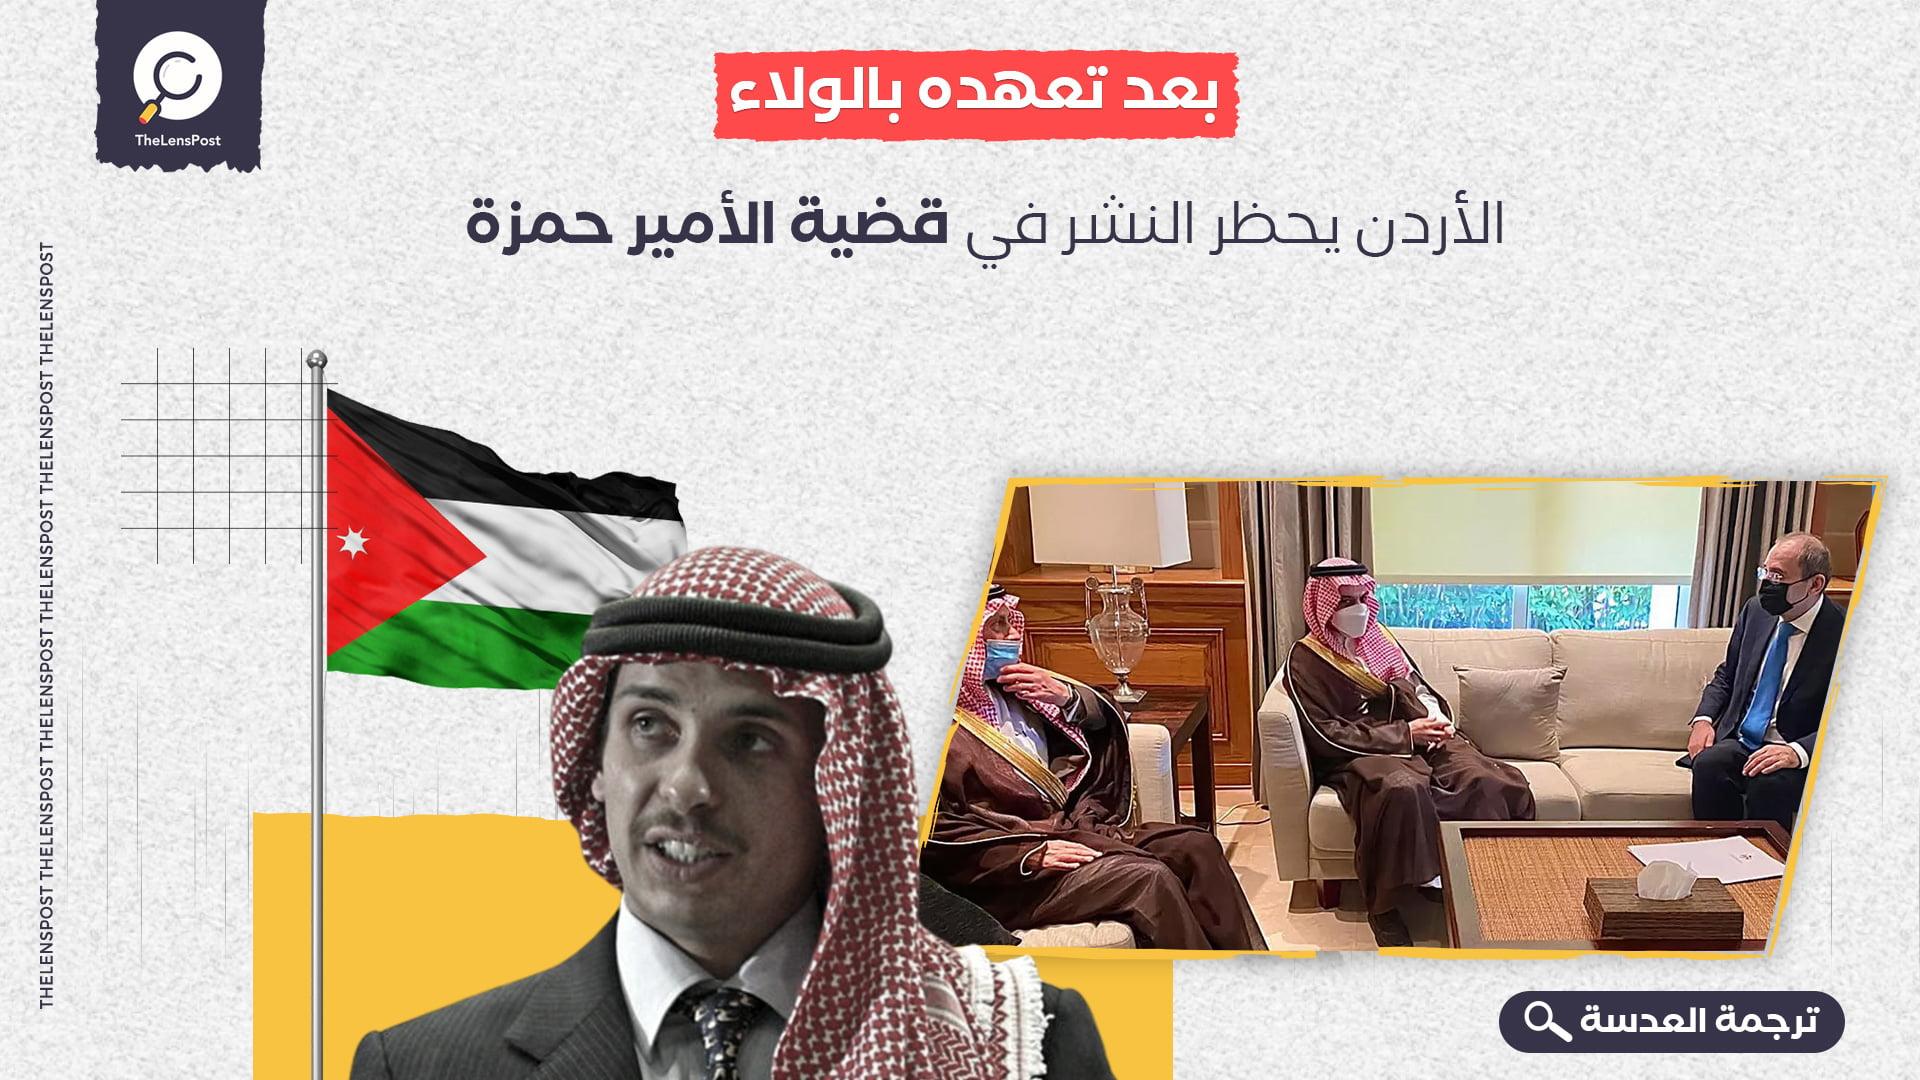 بعد تعهده بالولاء.. الأردن يحظر النشر في قضية الأمير حمزة